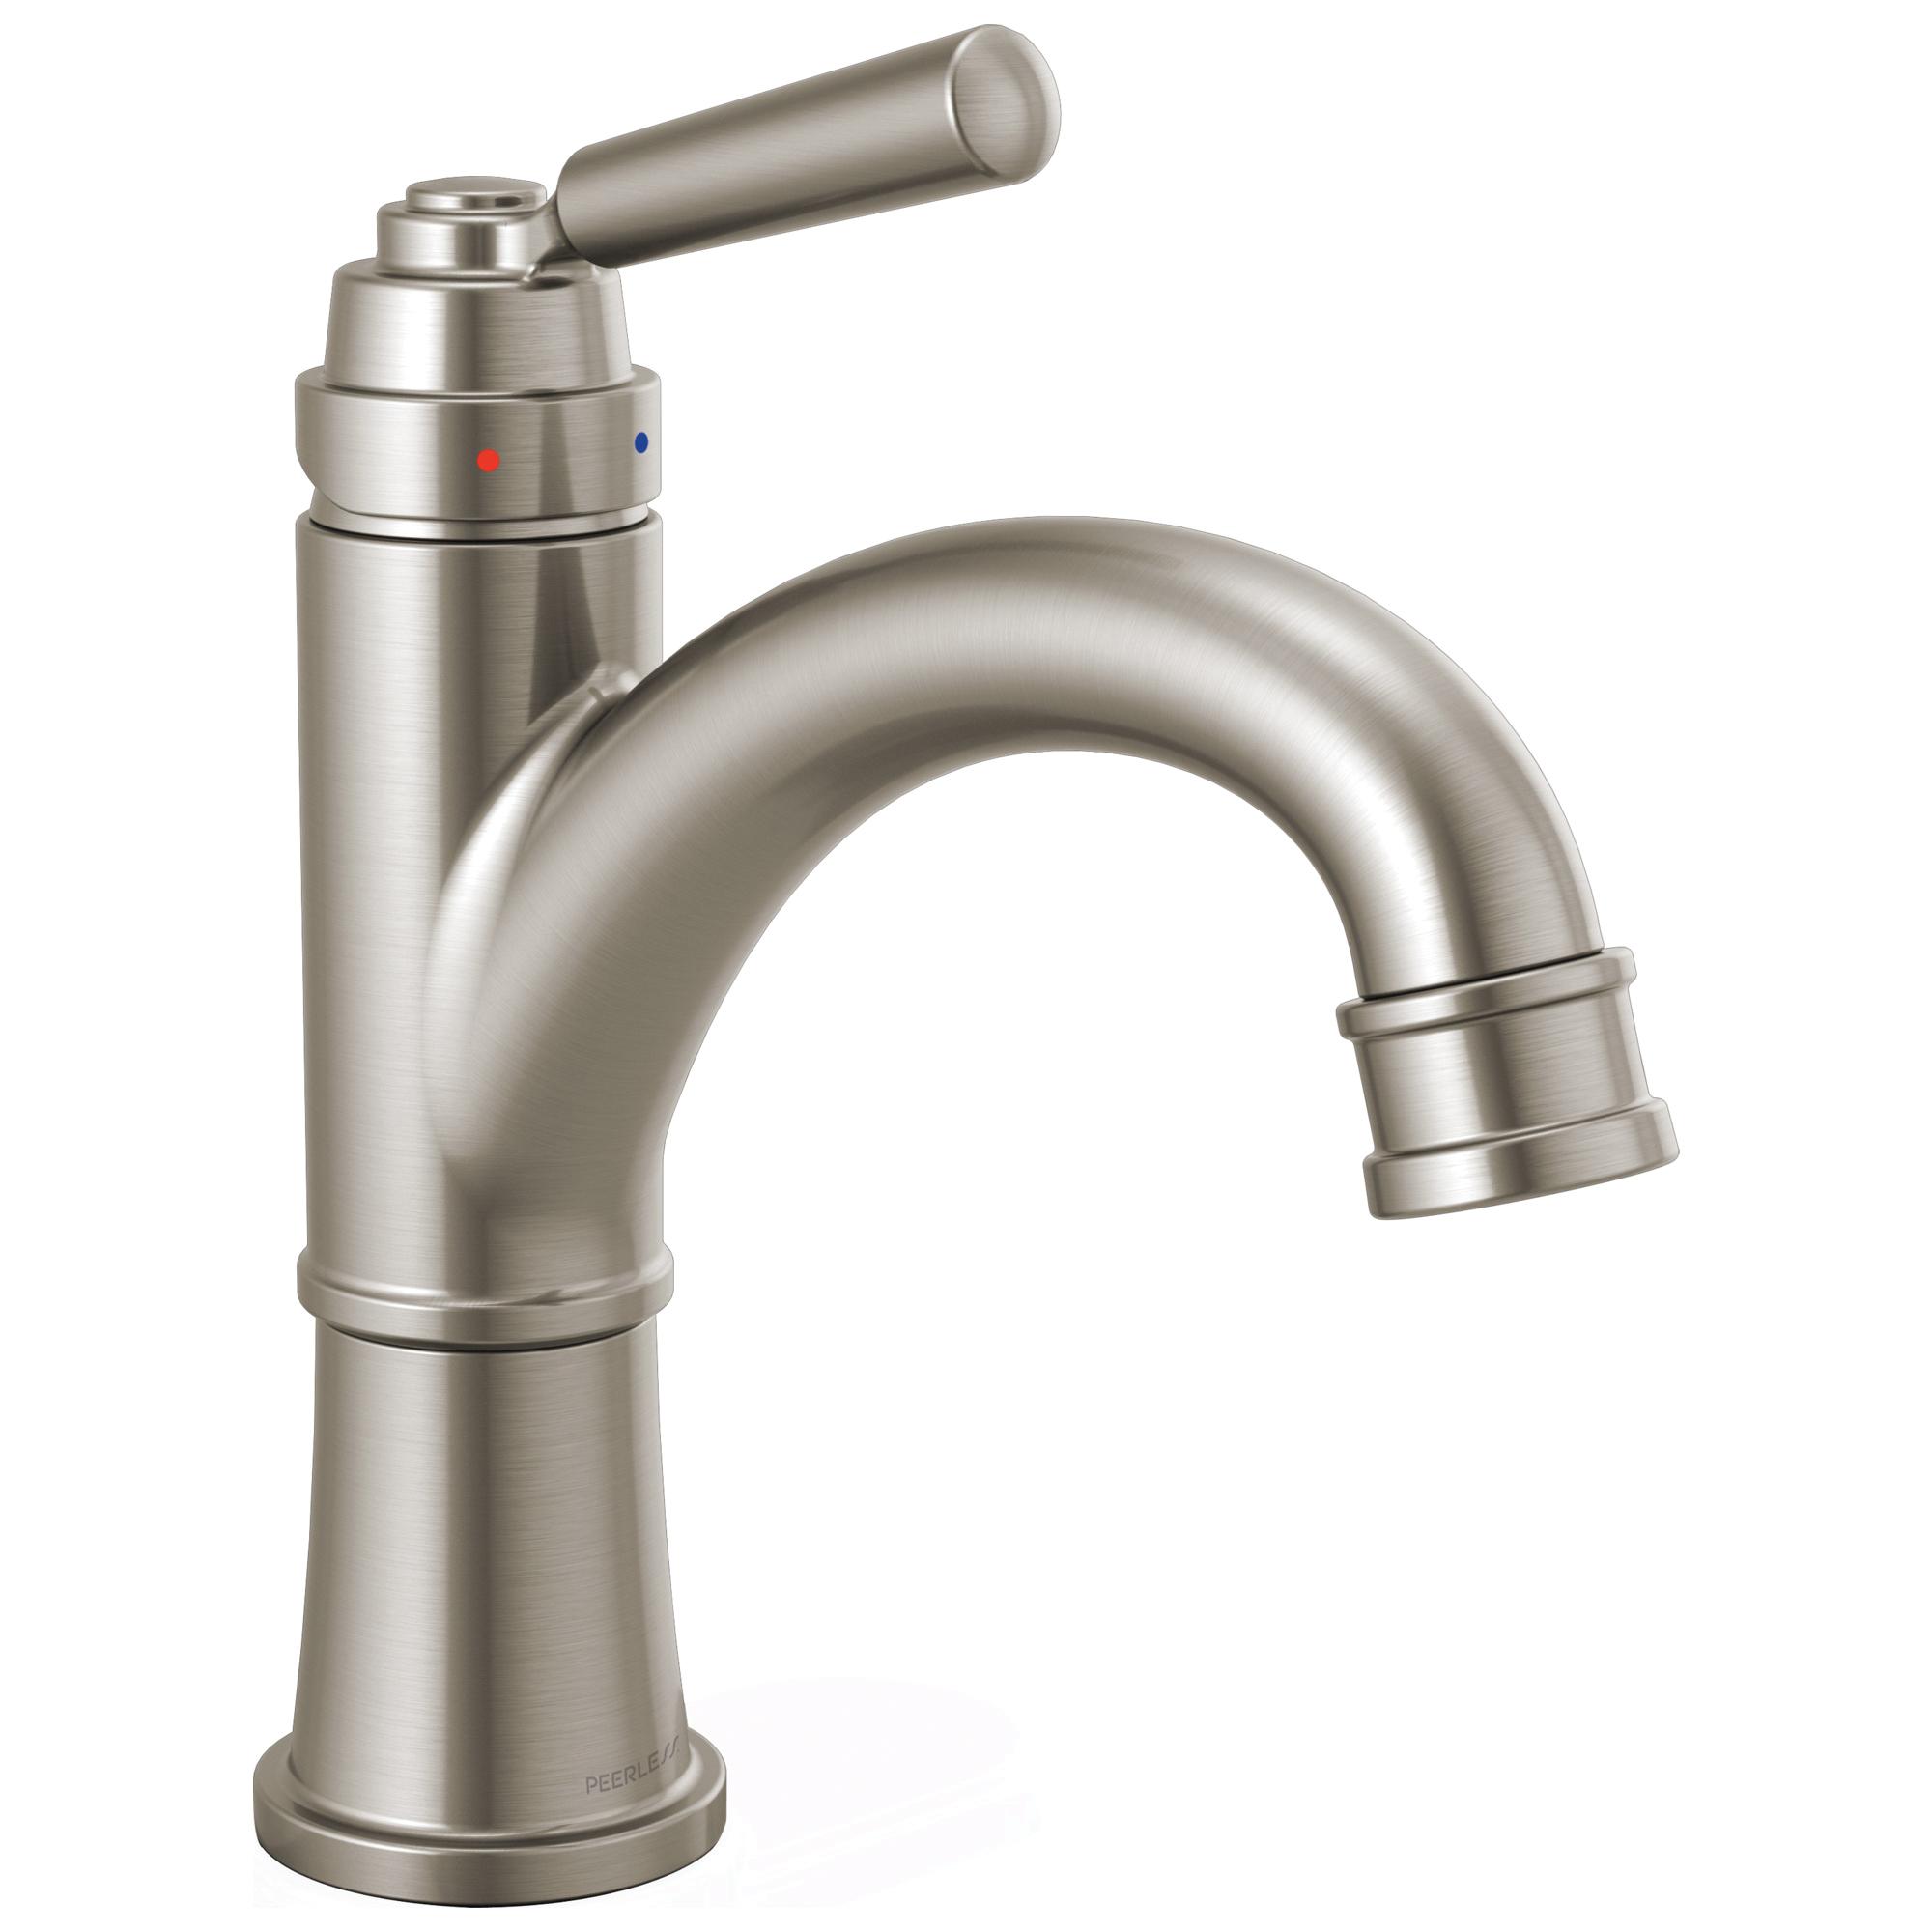 Peerless® P1523LF-BN-M Bathroom Faucet, Westchester™, Brushed Nickel, 1 Handles, Metal Pop-Up Drain, 1 gpm